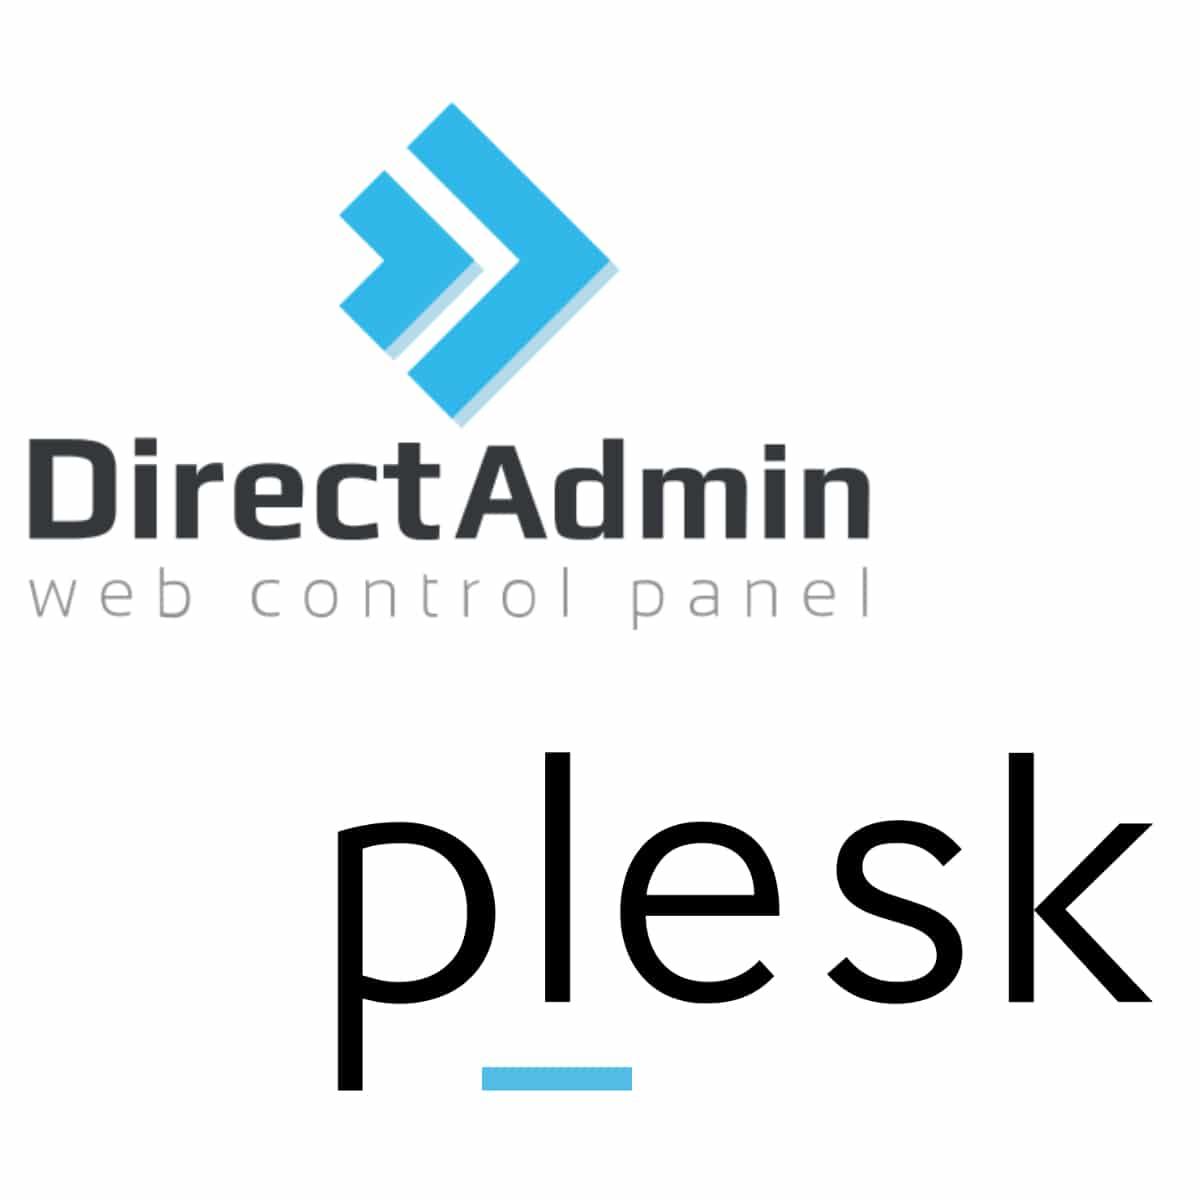 Plesk Directadmin